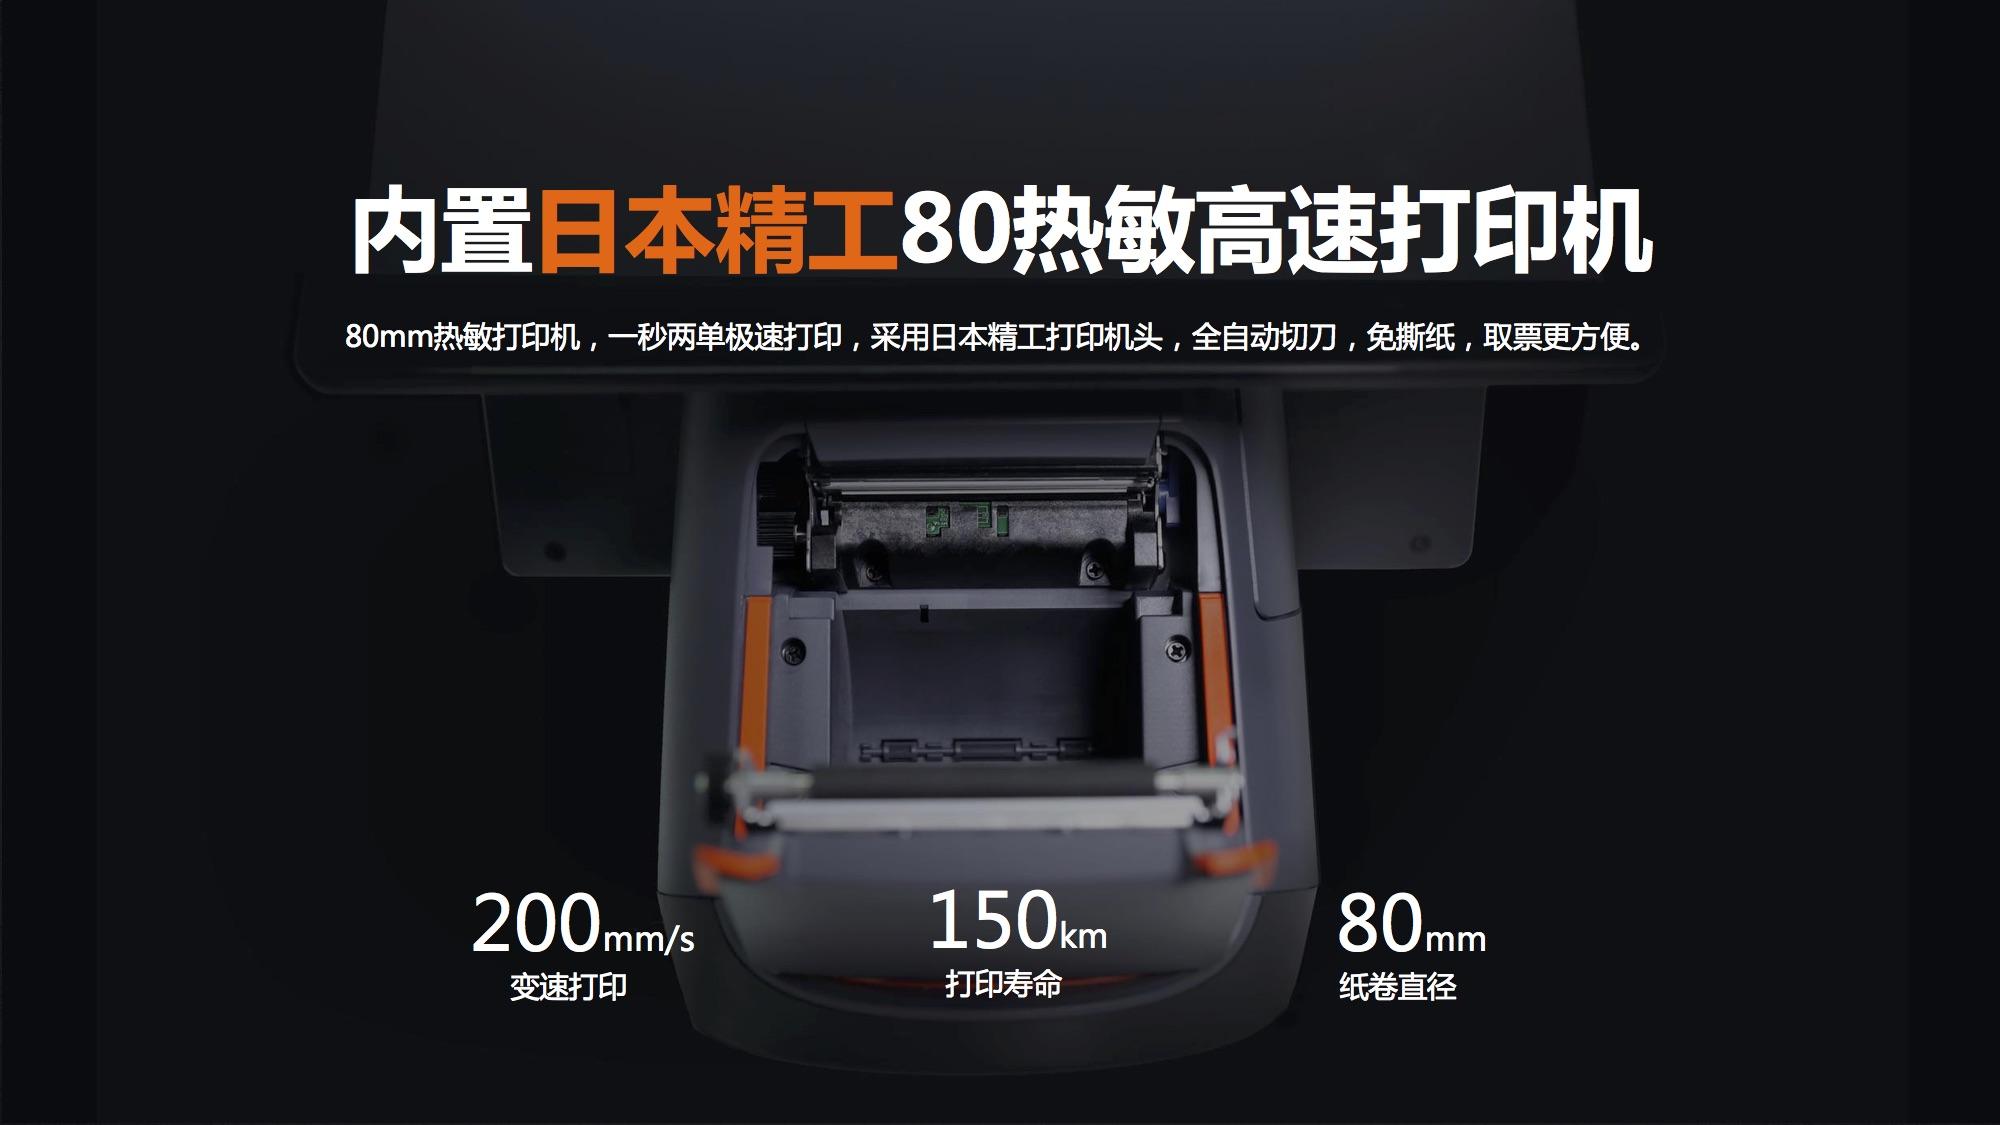 内置日本精工80热敏高速打印机